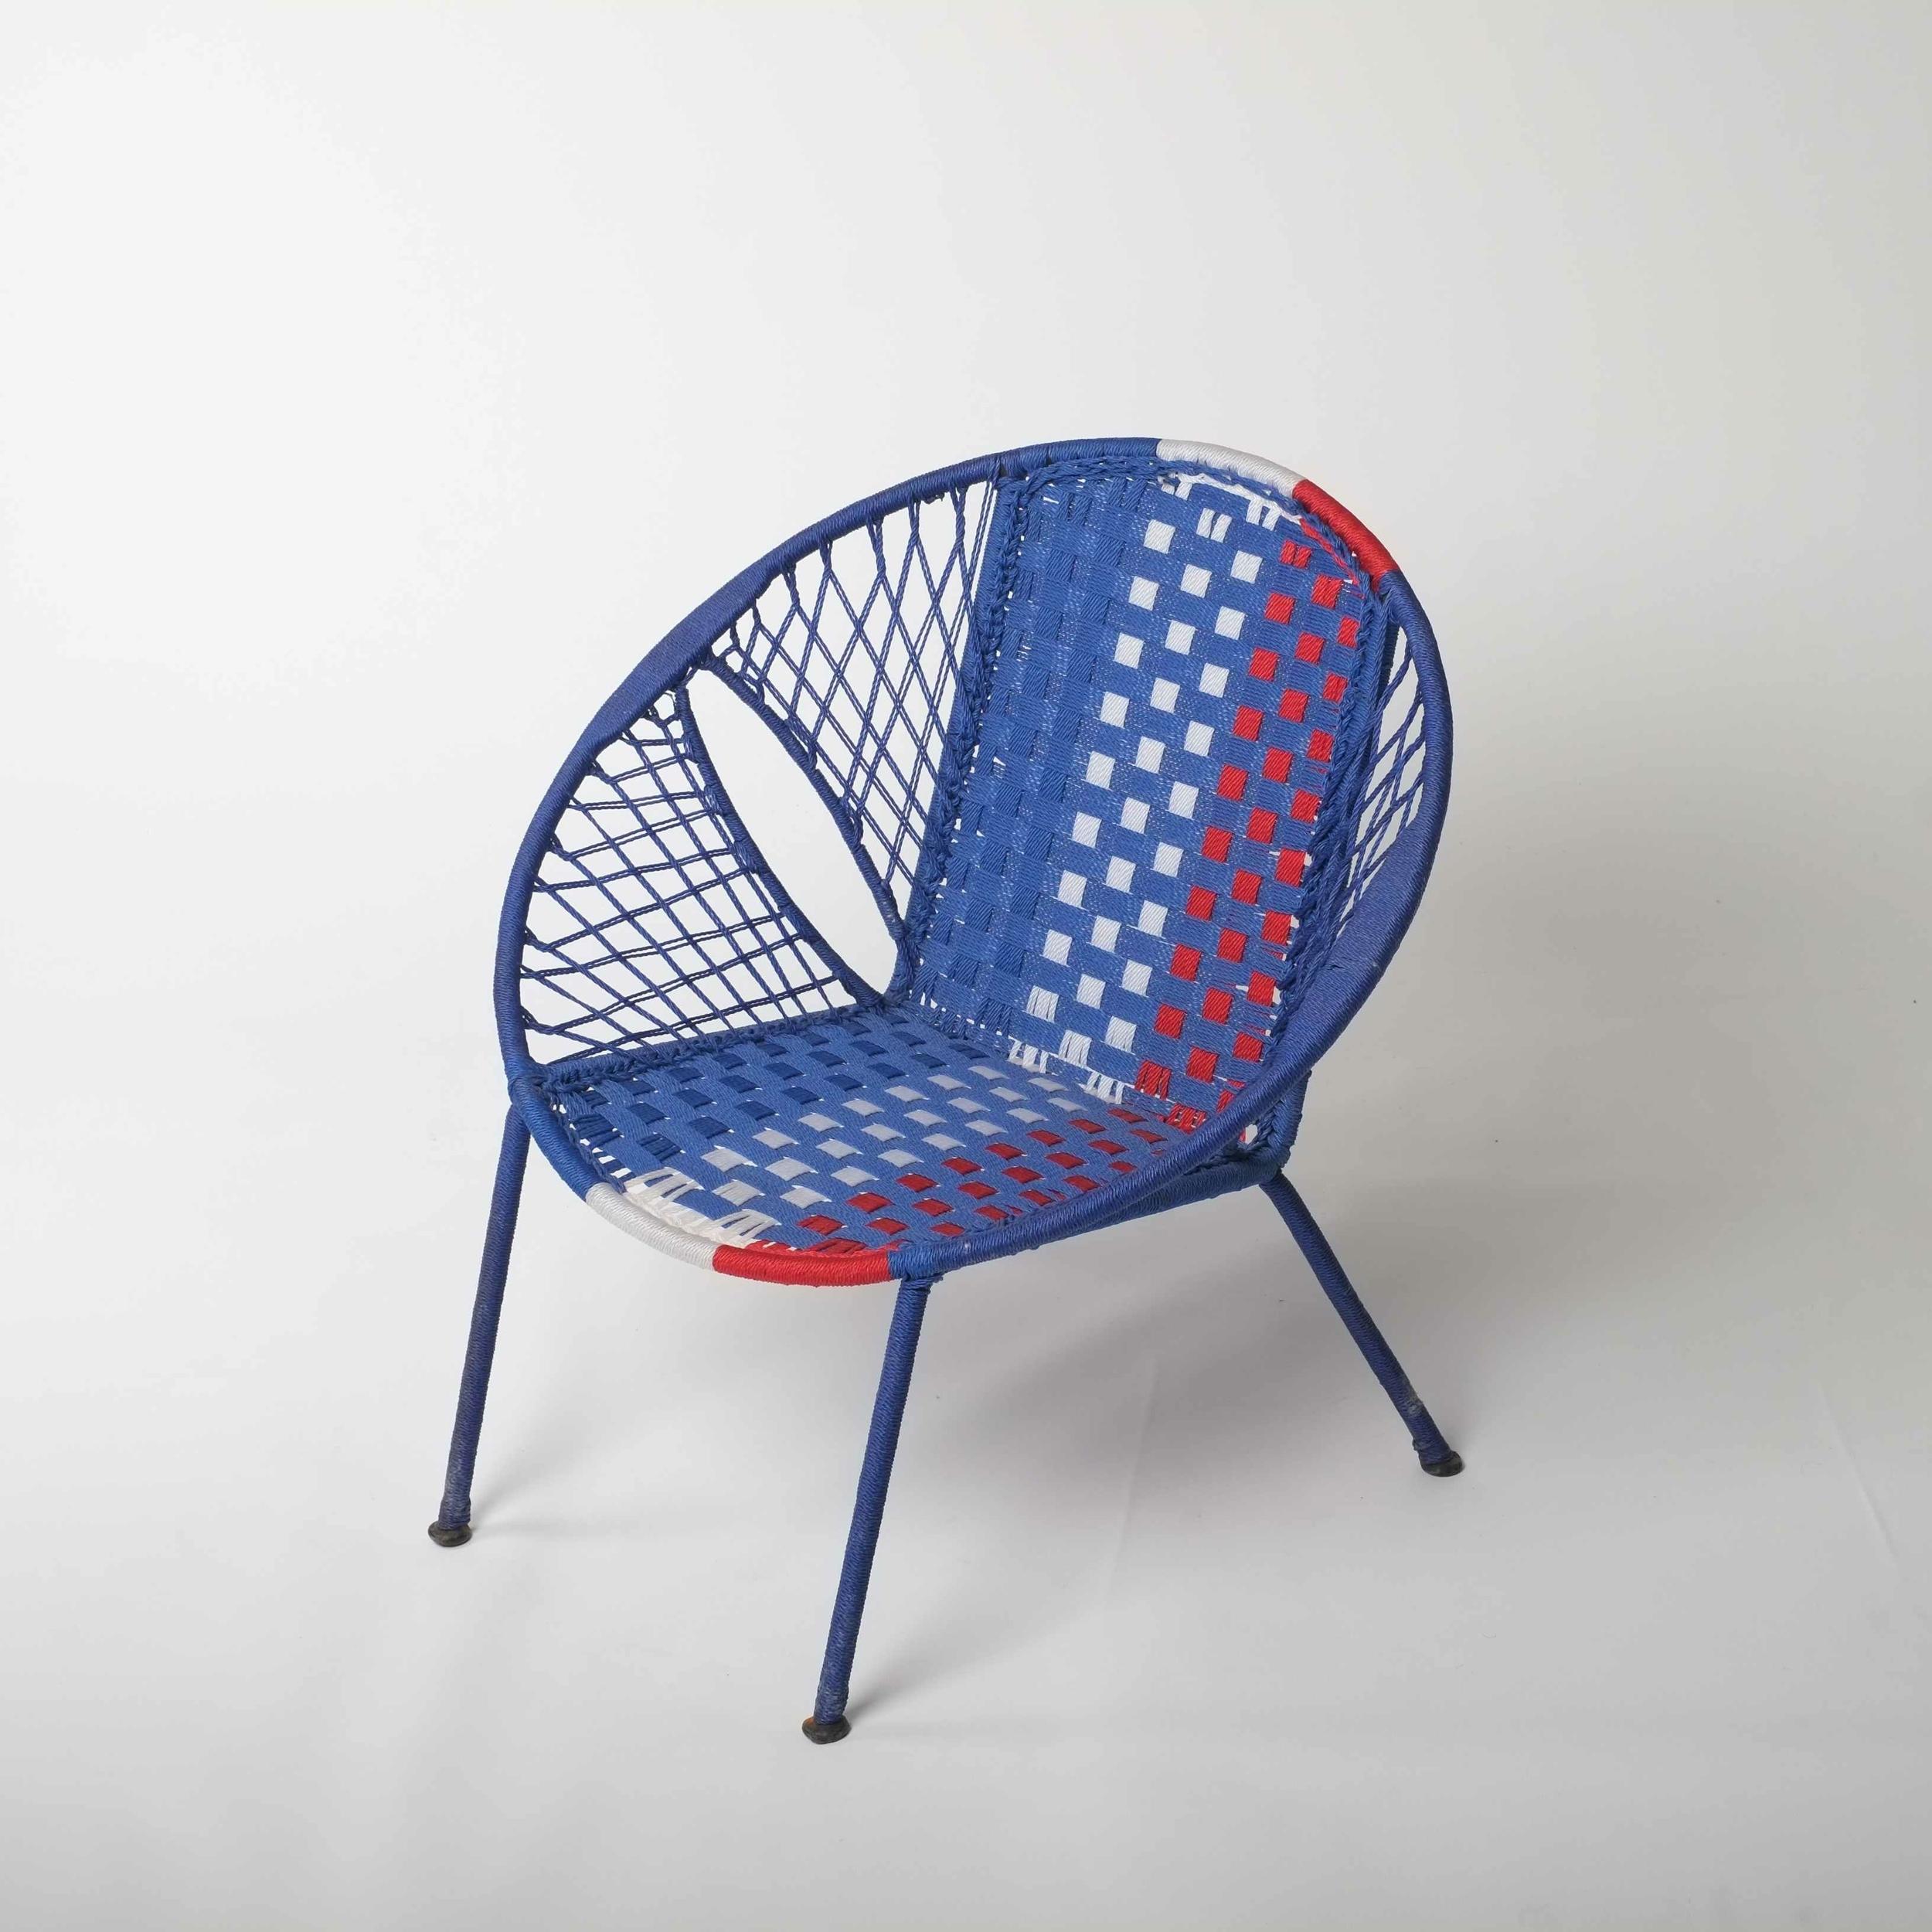 Chaise enfant en métal et fil de pêche recyclés modèle panier tricolore - Sénégal